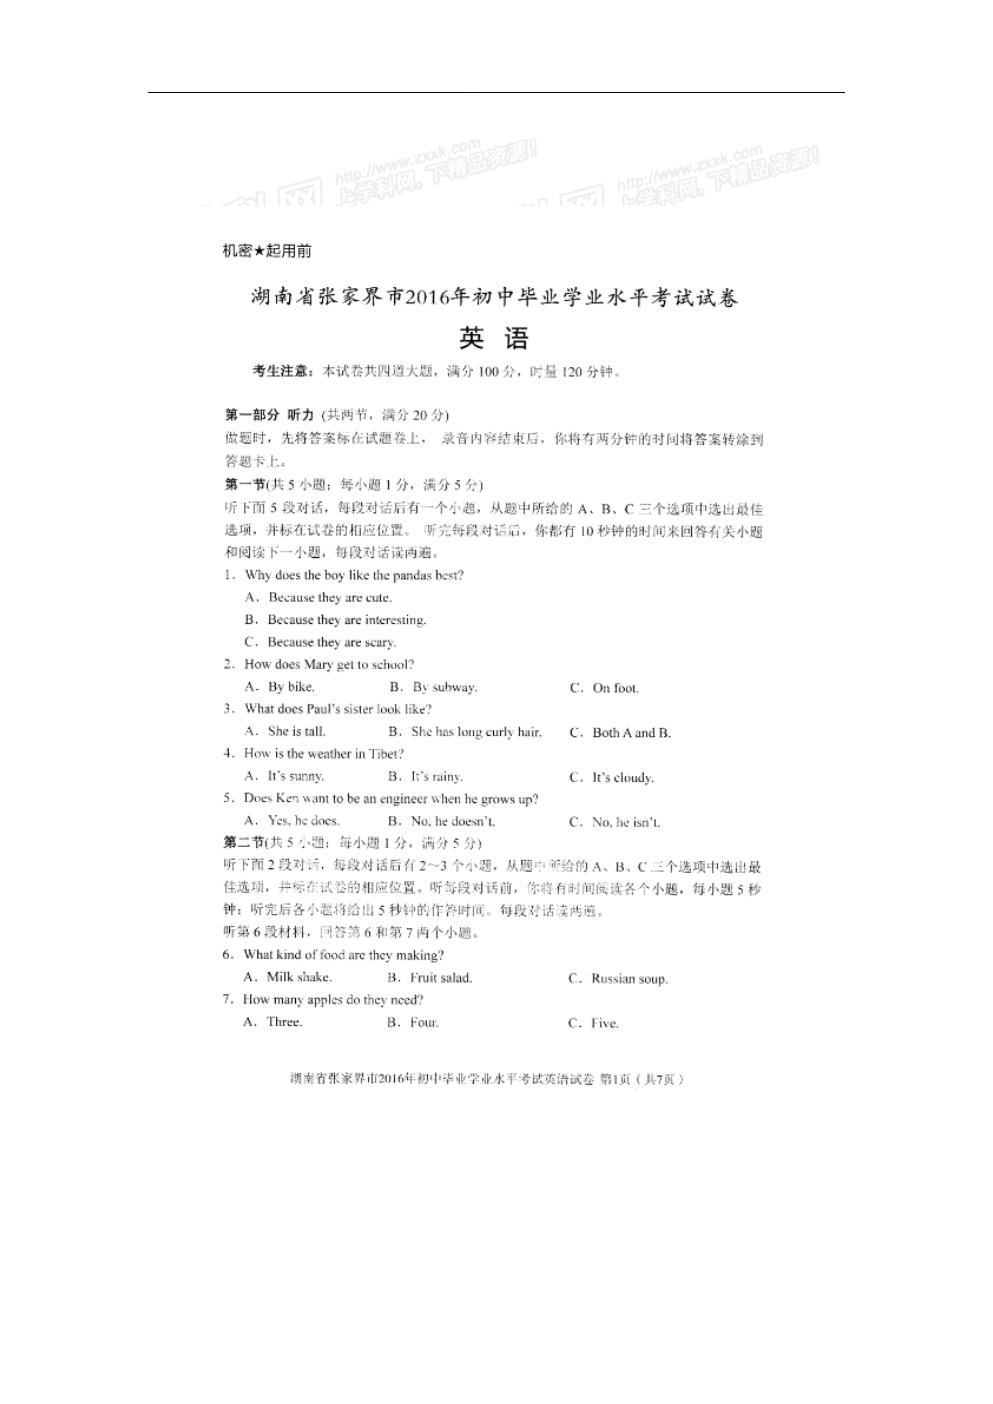 湖南省张家界市2016年中考英语试题(图片版,含答案).doc